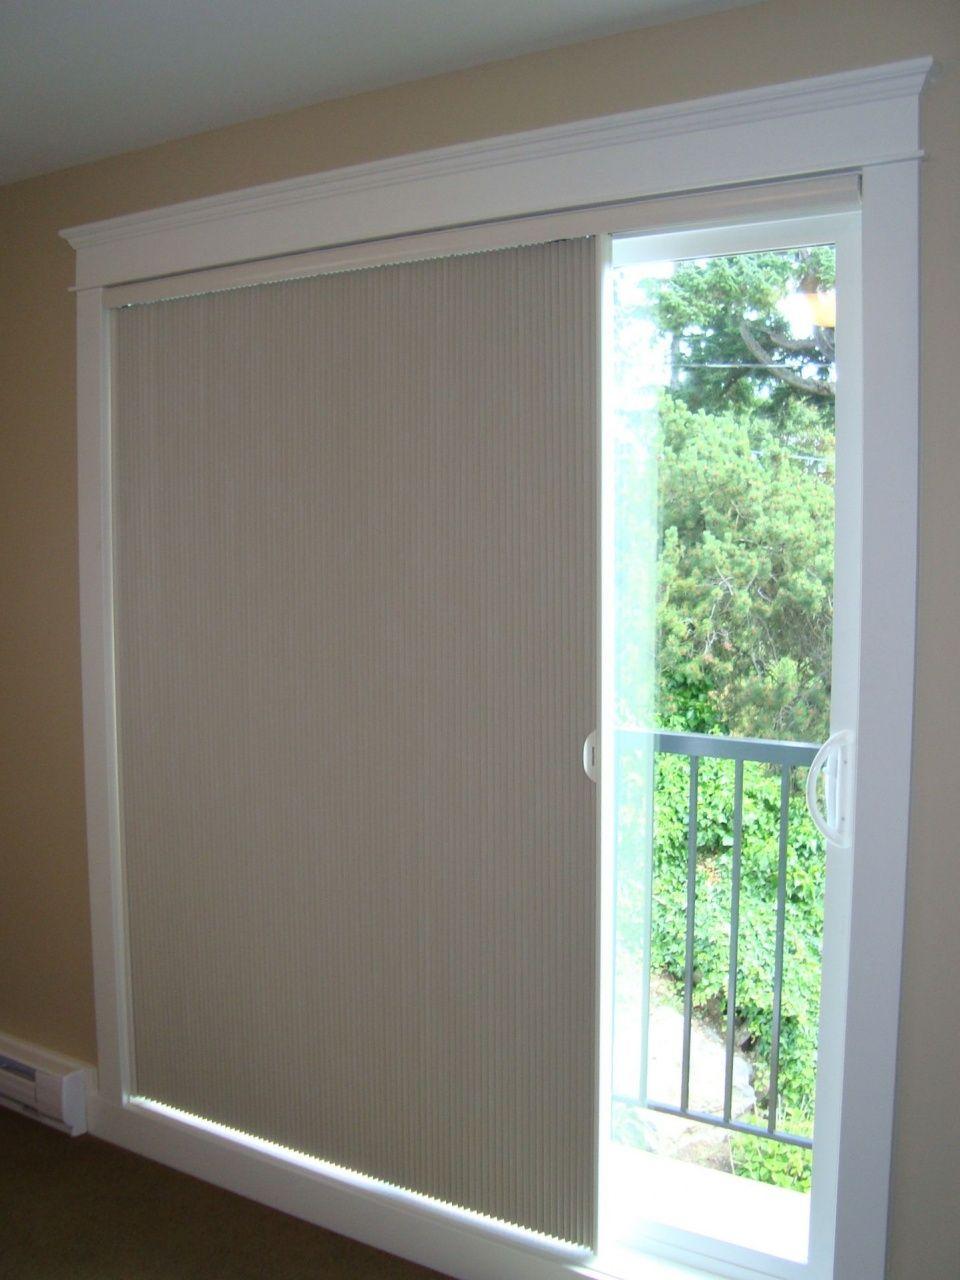 Hunter Douglas Vertical Blinds Replacement Parts In 2020 Glass Door Coverings Sliding Door Coverings Sliding Glass Door Window